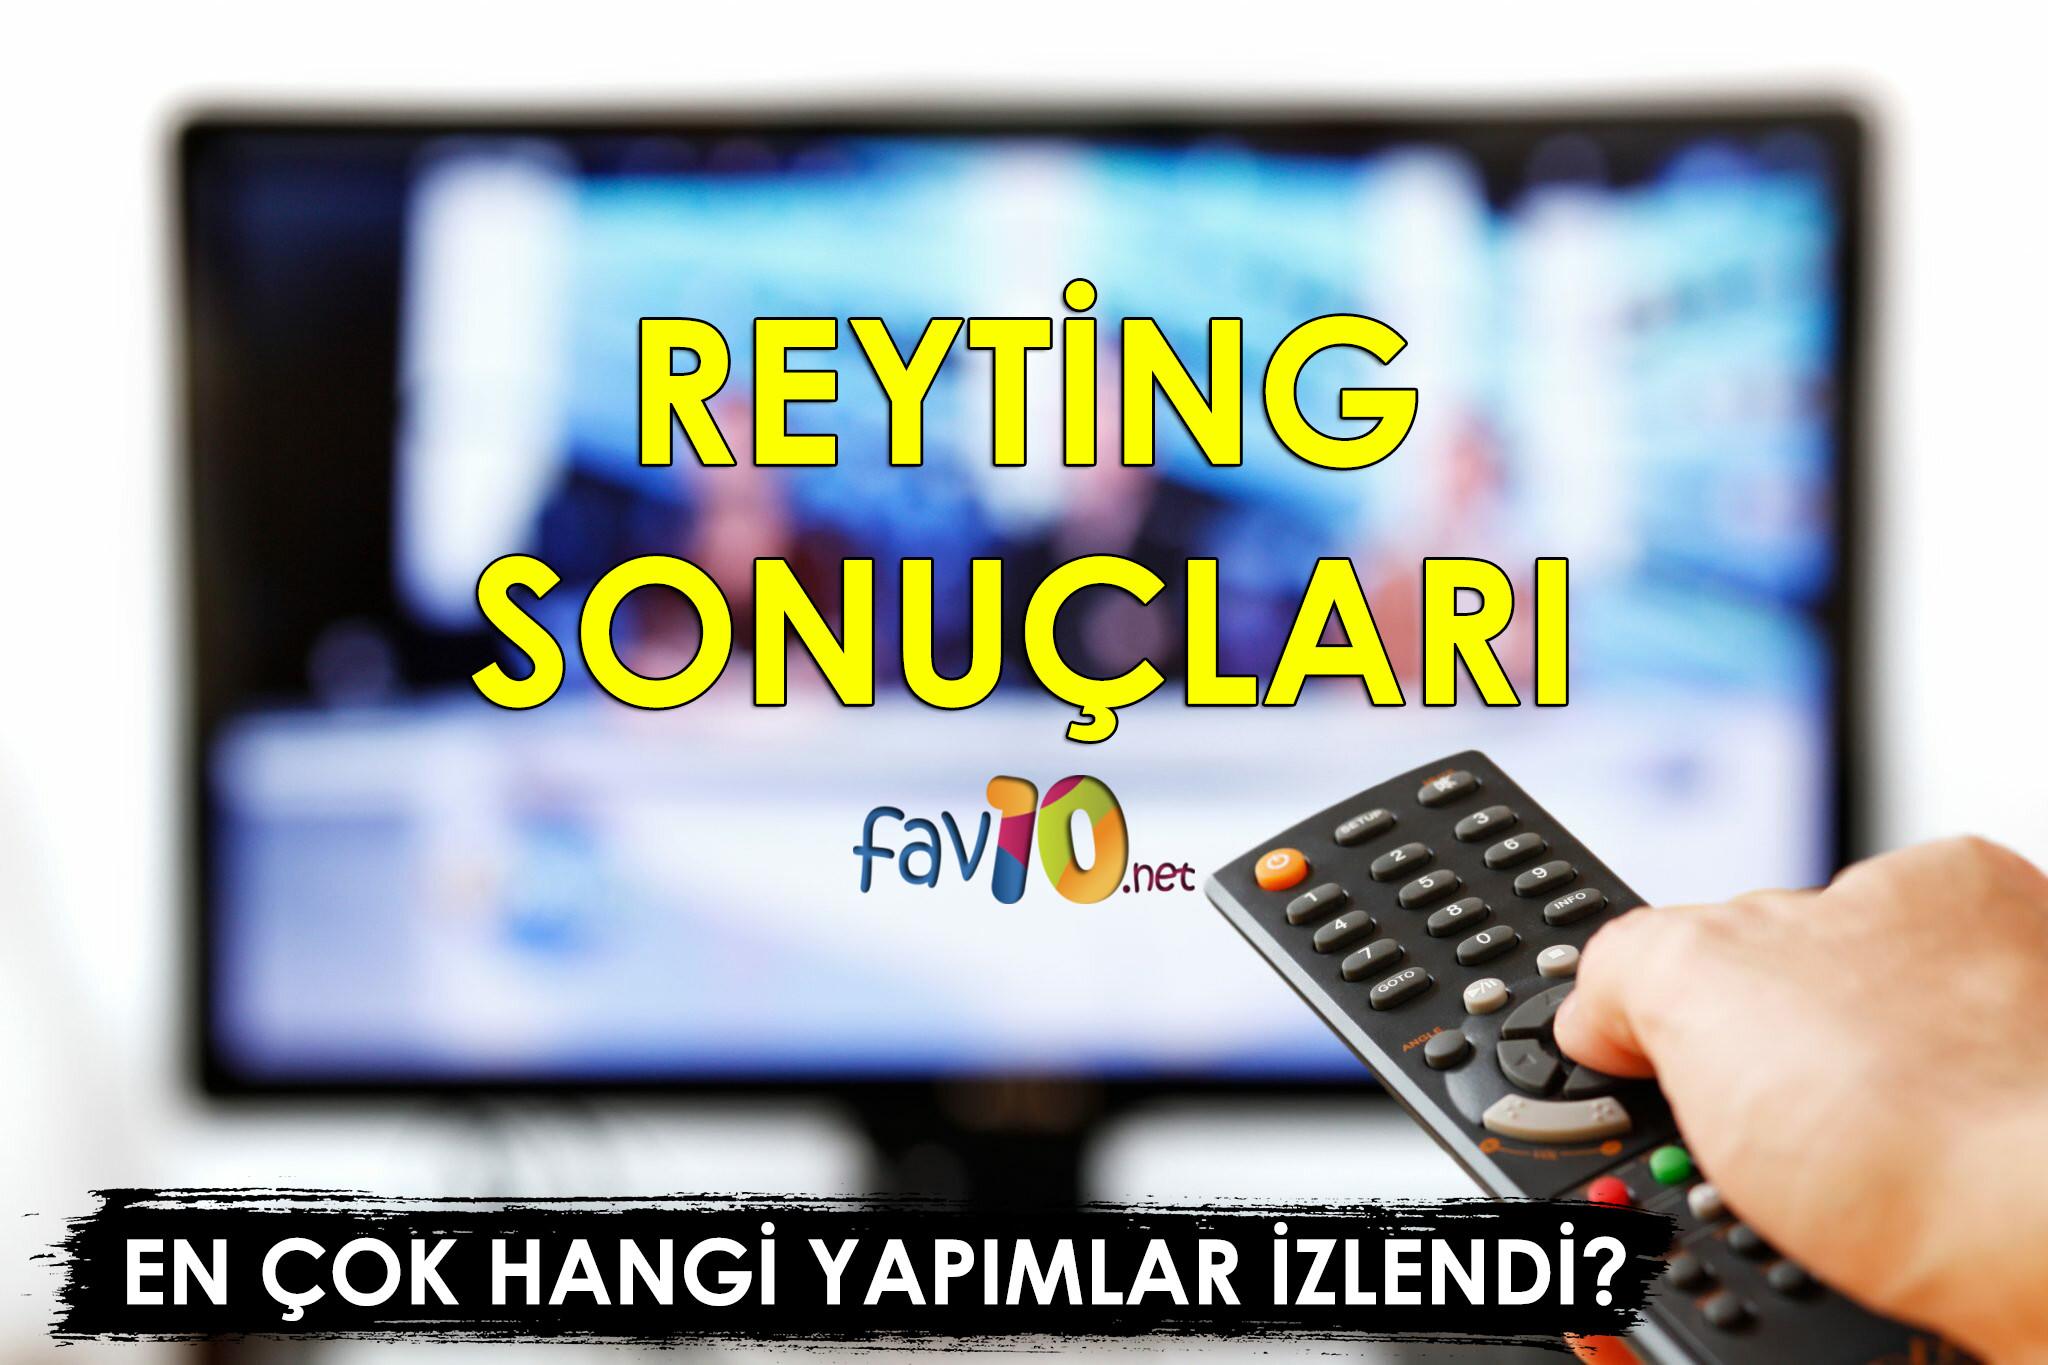 reyting-sonuclari-fav10-jpg.101059